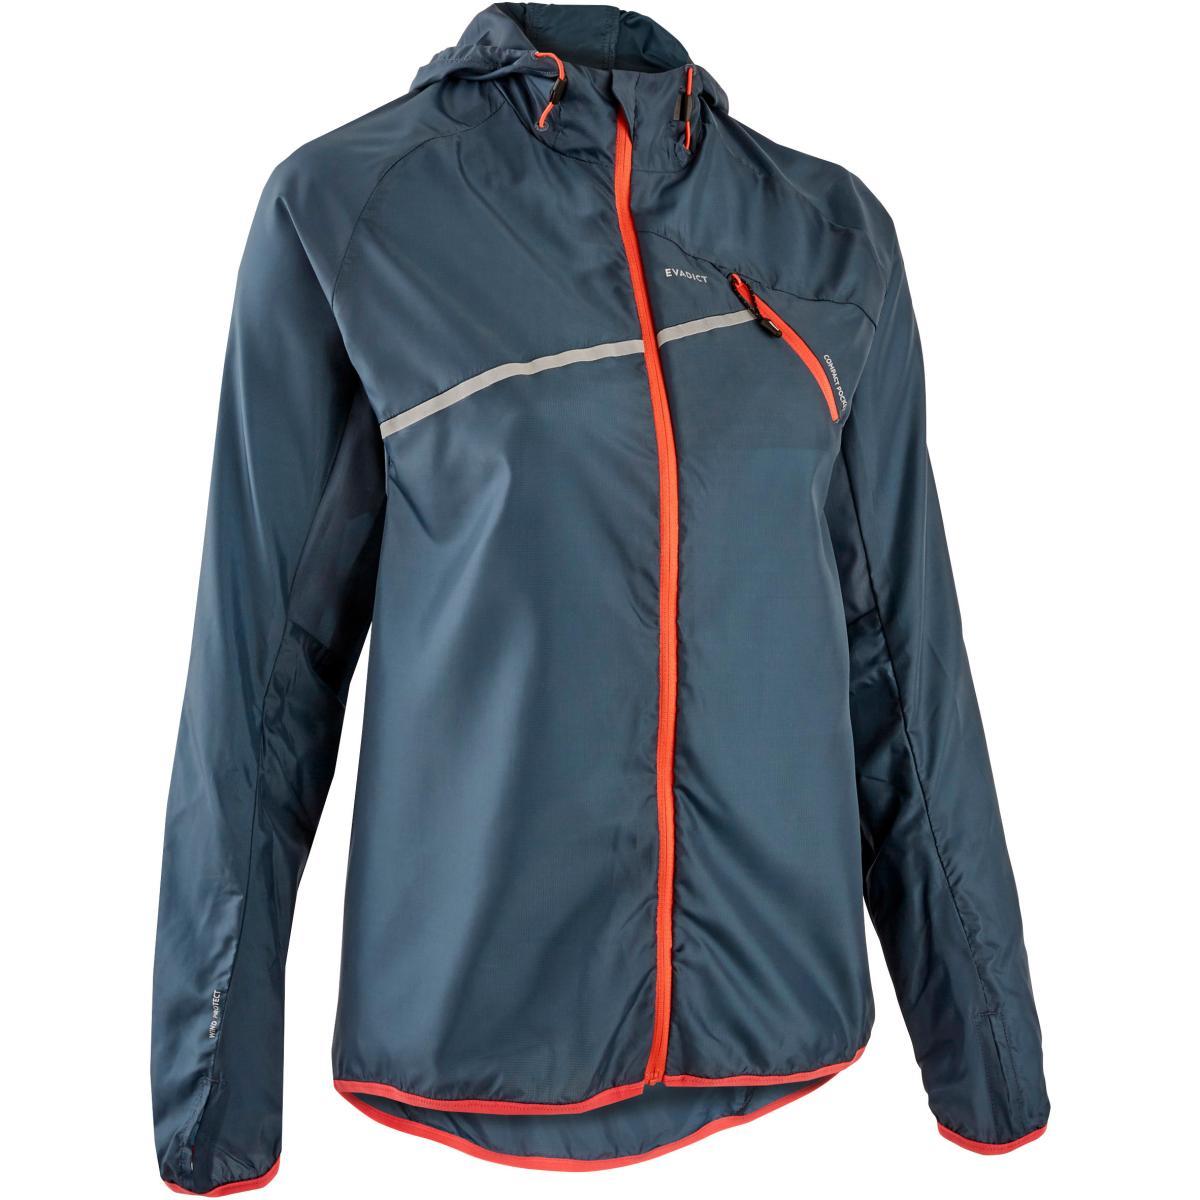 Windjack voor trailrunning dames donkergrijs